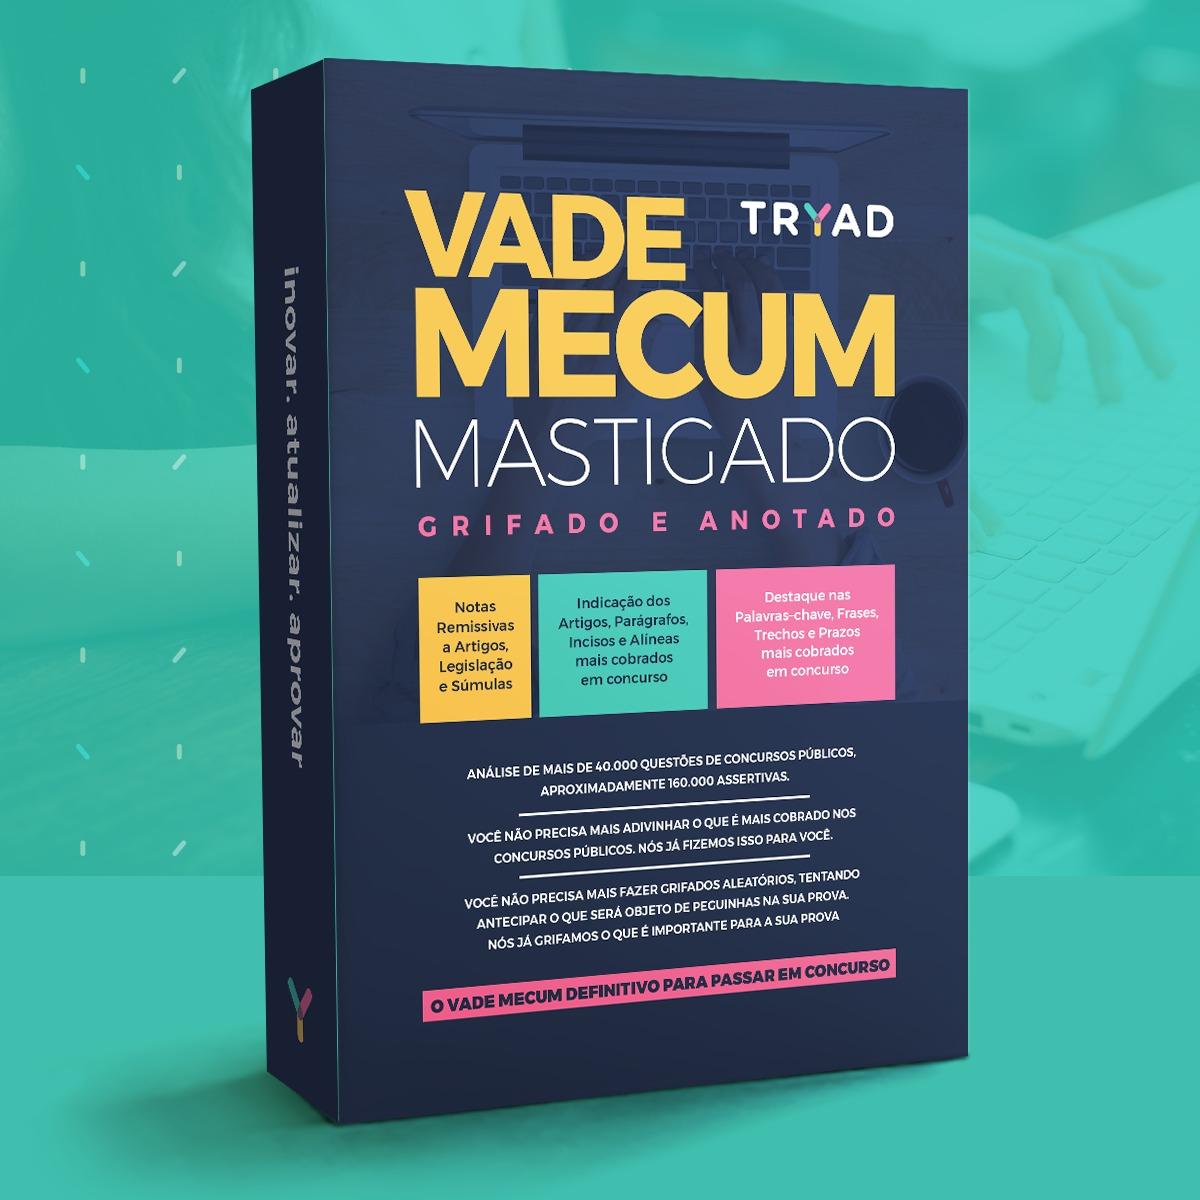 Ebooks Coleção Vade Mecum Tryad Direito Ambiental Learn A New Ability Hotmart